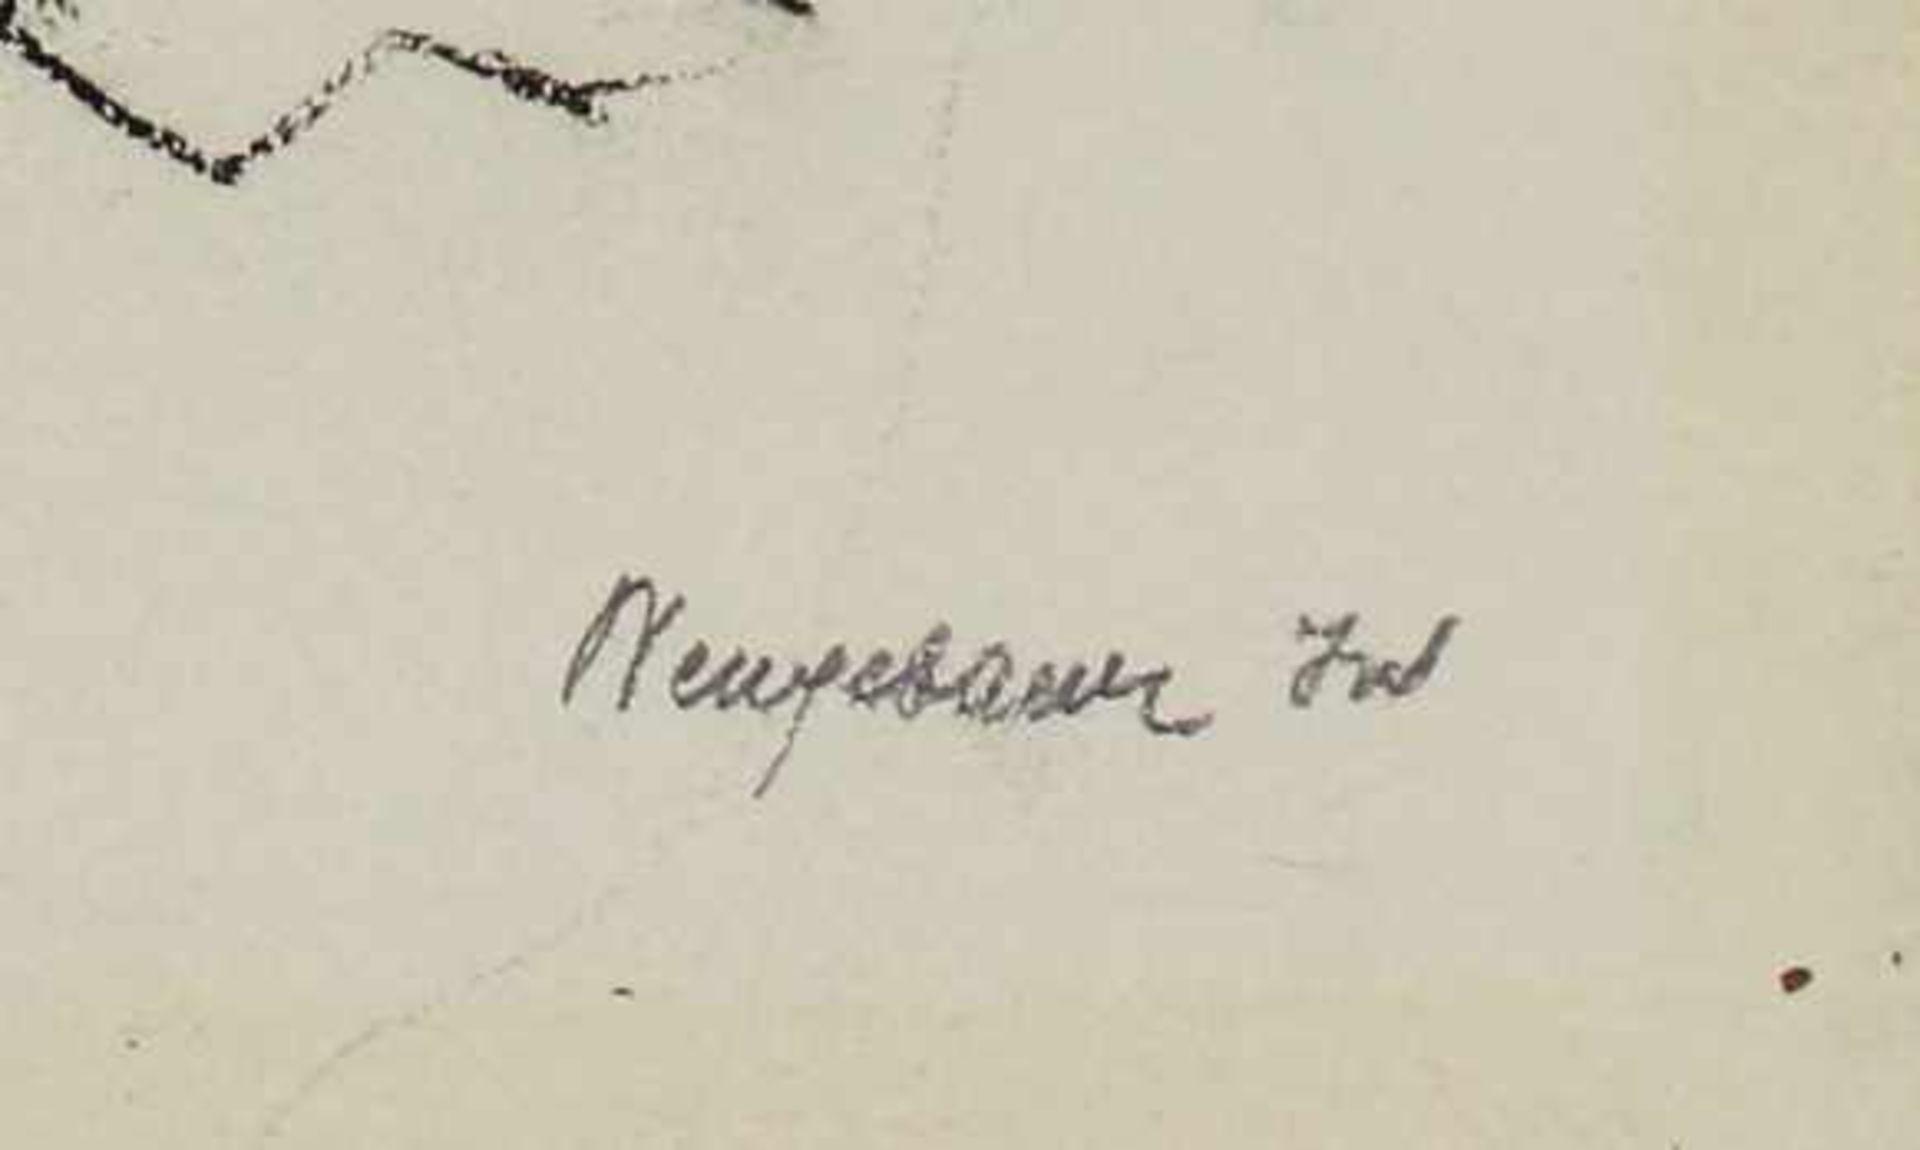 Marianne Neugebauer-Iwanska 1911-1997 Akt Graphit signiert 38 x 31 cm - Bild 2 aus 2